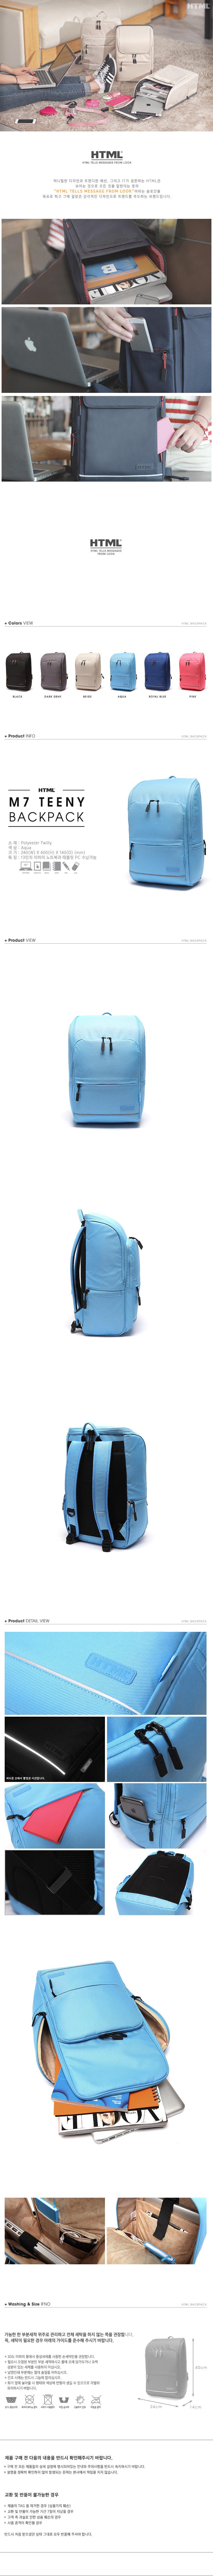 [에이치티엠엘]HTML - M7 WOMAN TEENY Backpack (AQUA) 티니 백팩